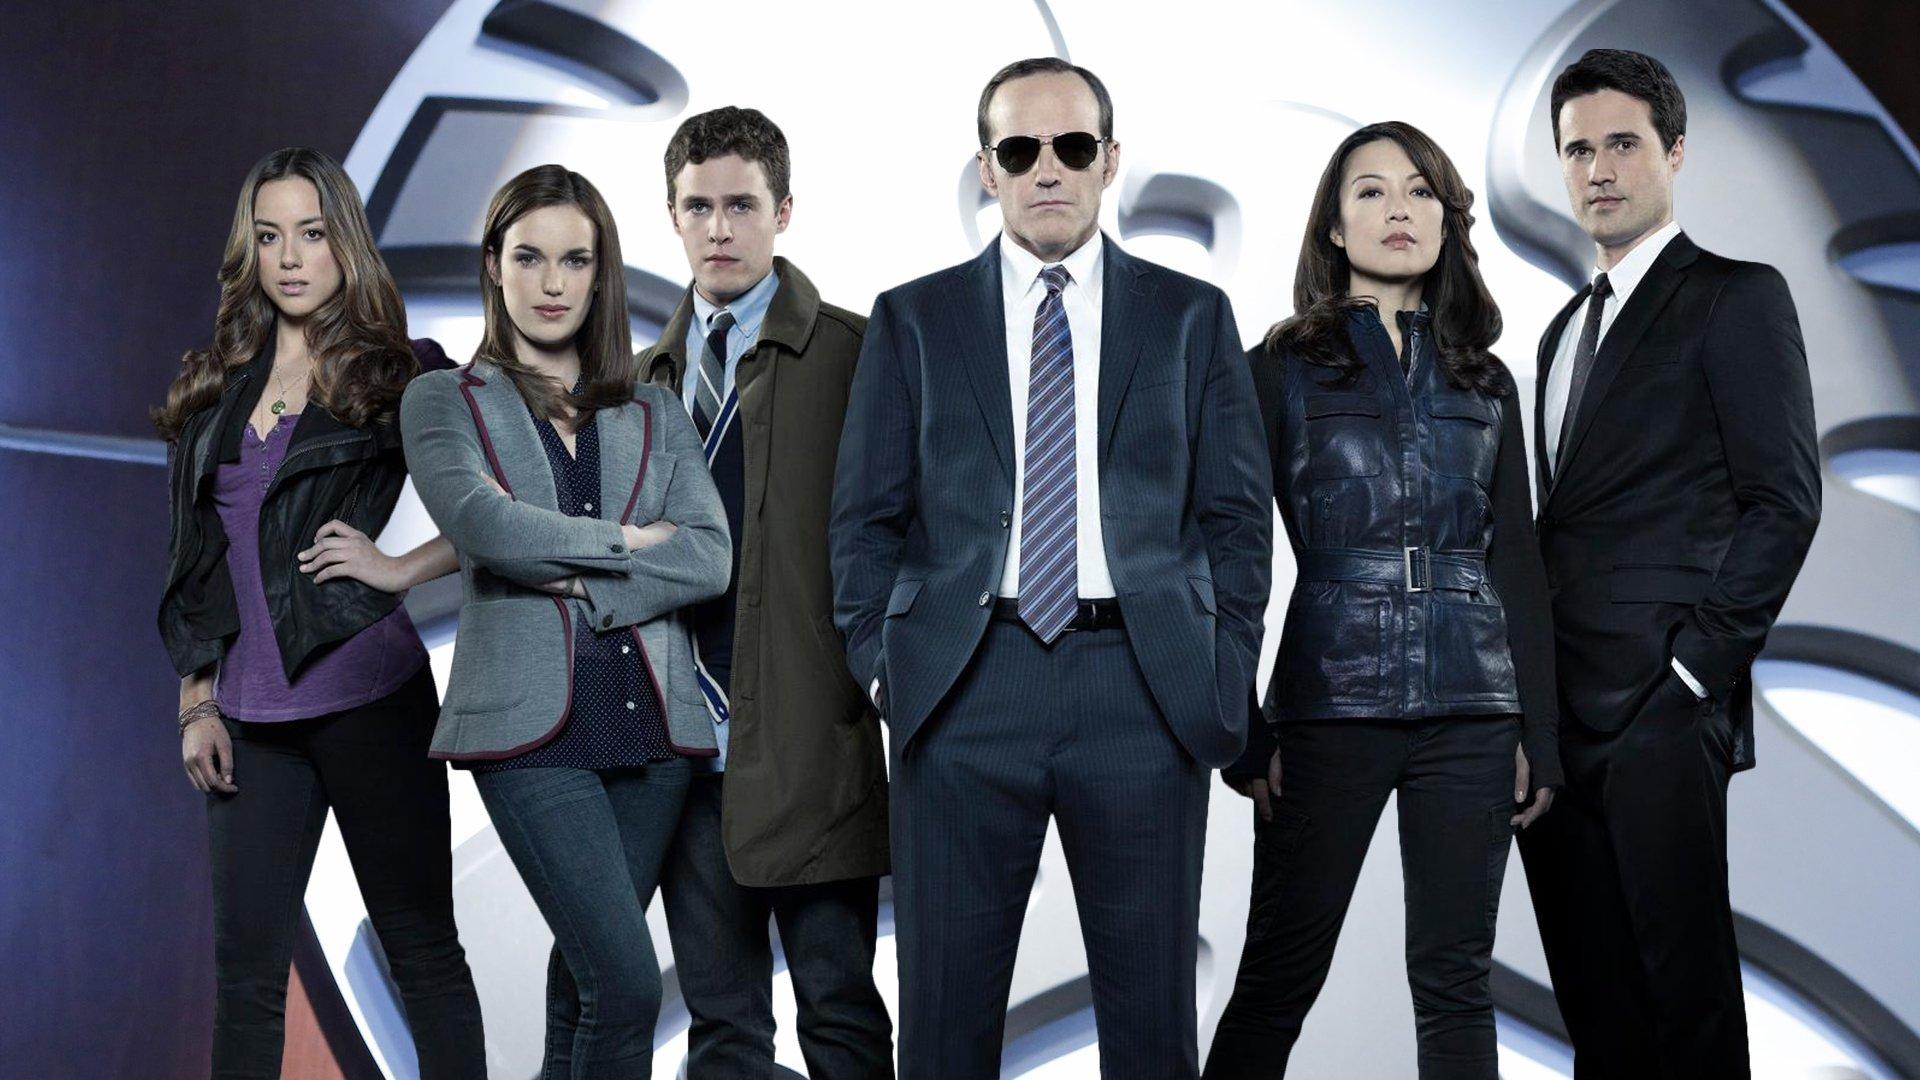 Топ 5 злодеев сериала Агенты Щ.И.Т. Первый сезон. [spoiler alert].. - Изображение 1